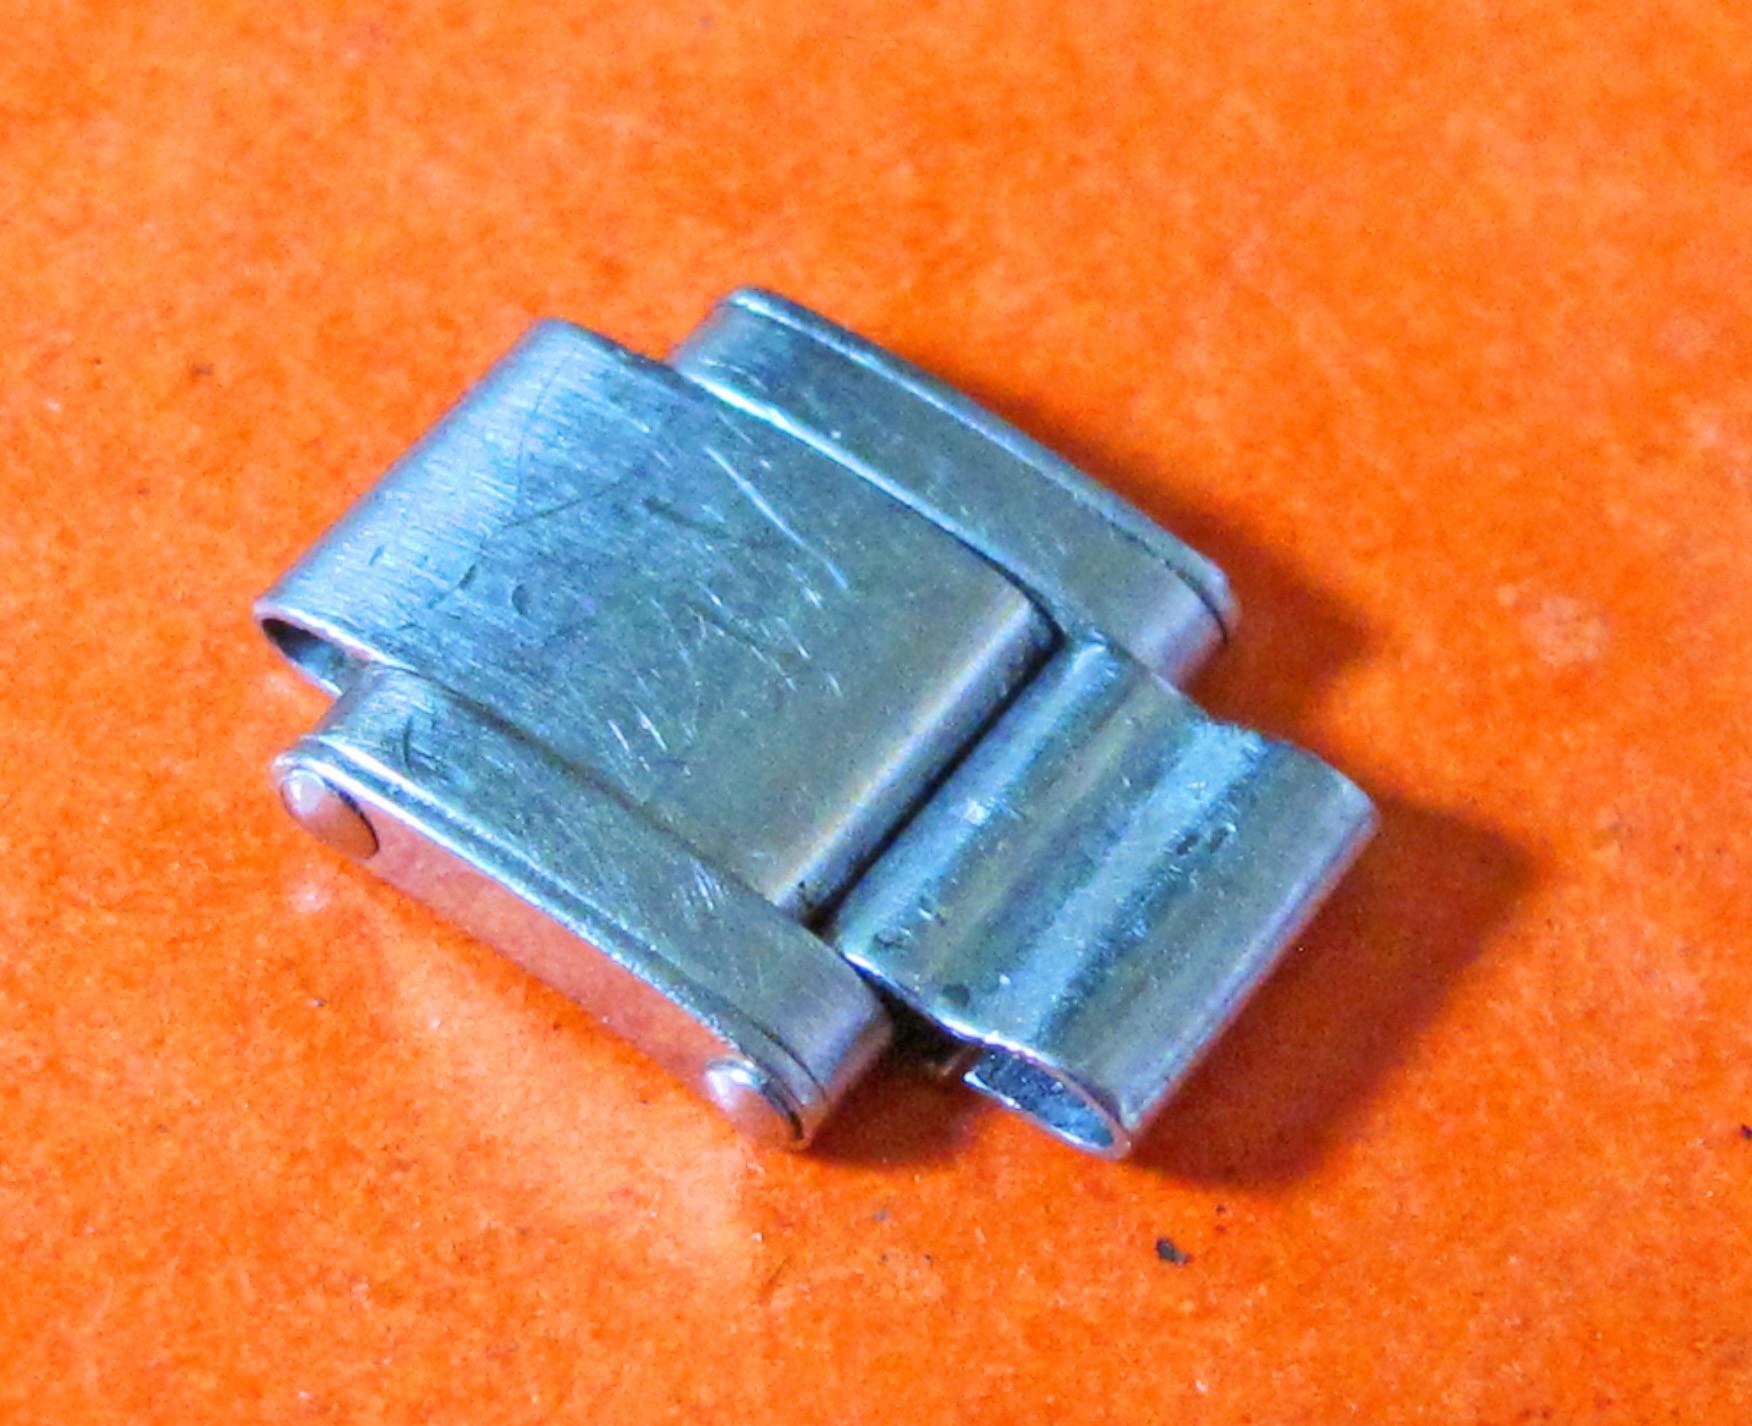 1 x RIVET RIVETED EXTENSION BRACELET LINK  ROLEX  TUDOR VINTAGE 11.42mm